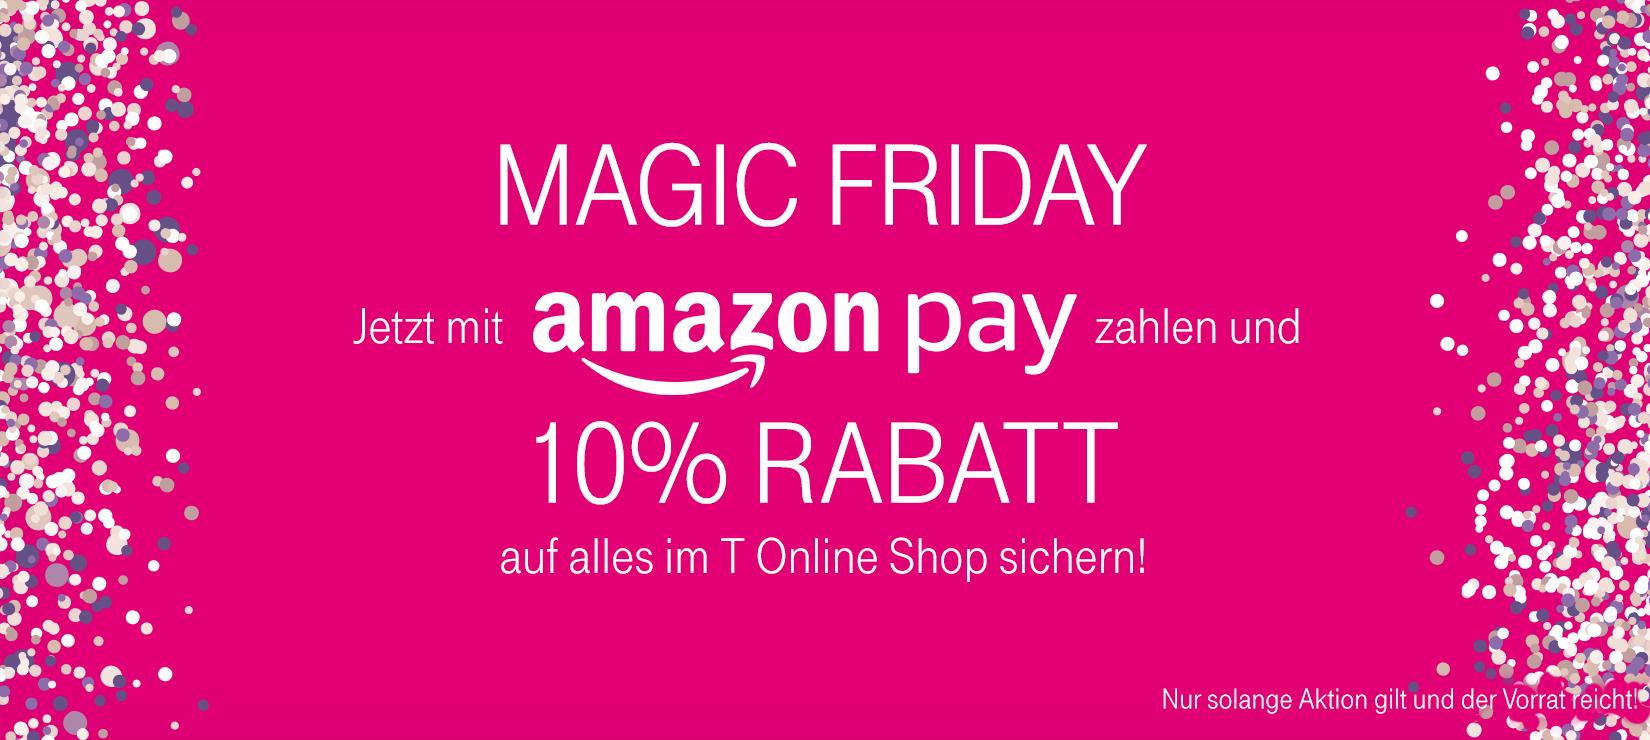 10% Rabatt auf alles im T-Onlineshop bei Zahlung per Amazon Pay, z.B. mit dem Telefunken Full HD Tripple Tuner für 166€ statt 241€